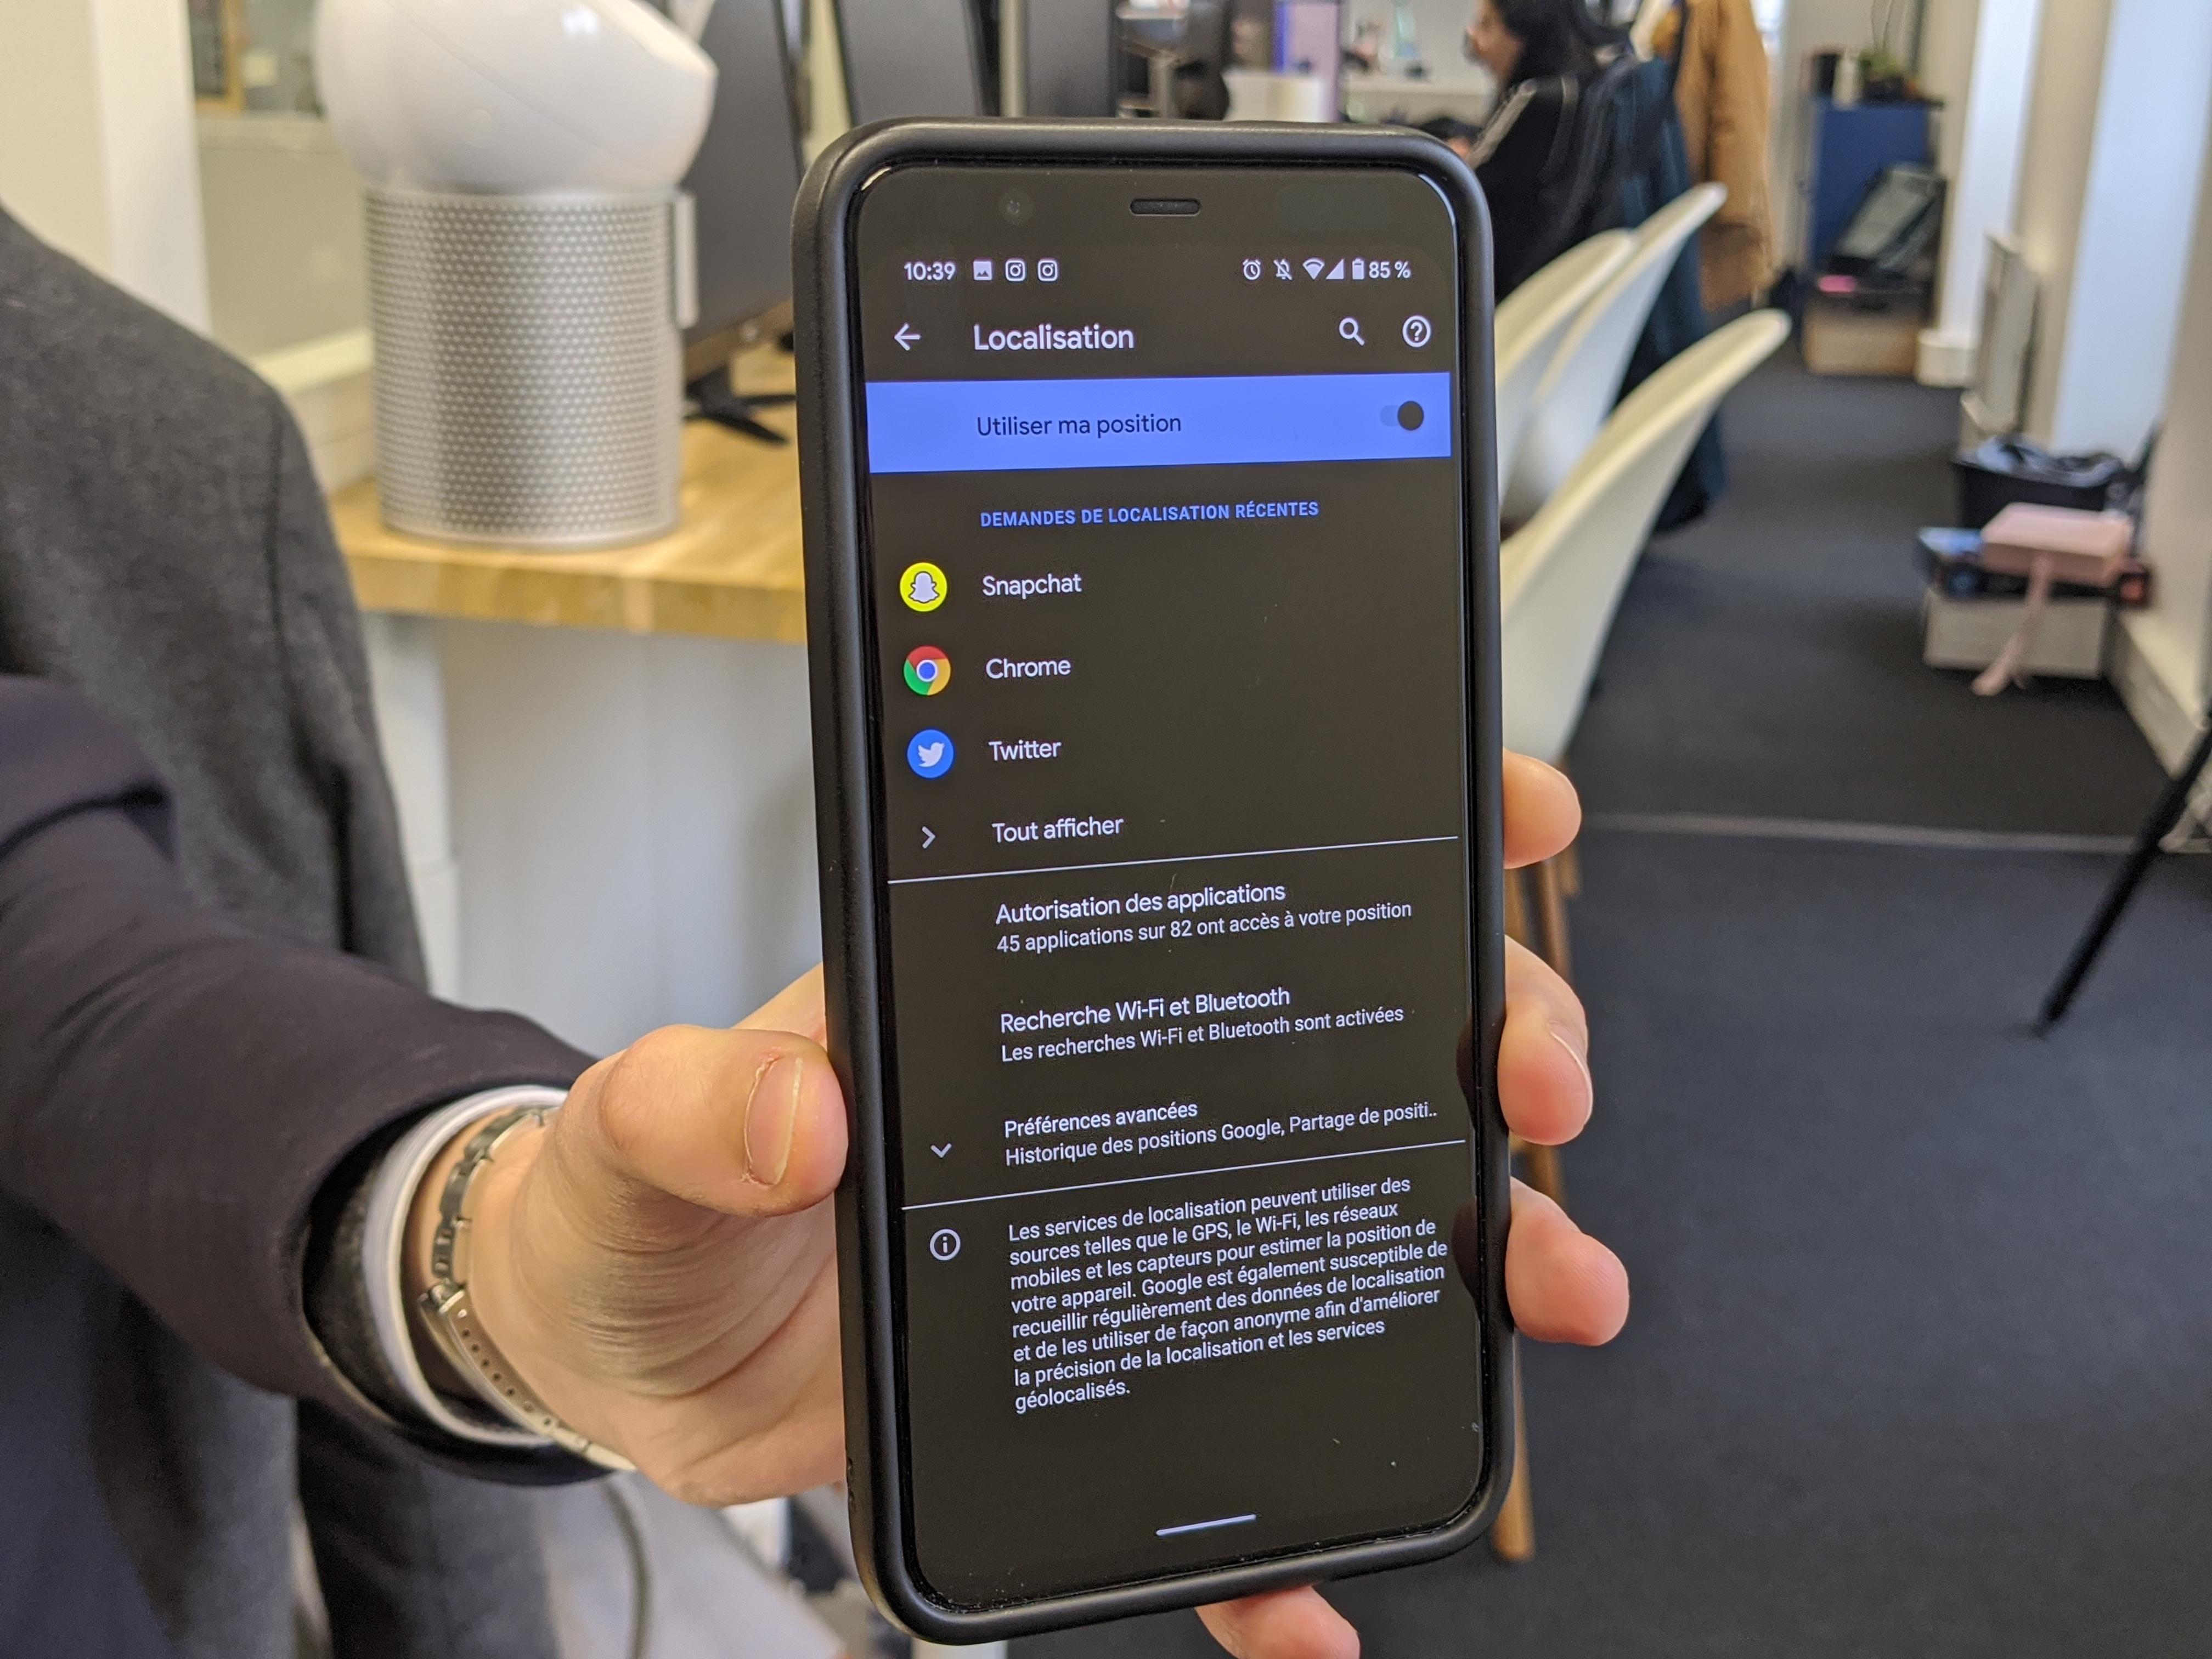 Comment désactiver la localisation sur votre appareil Android